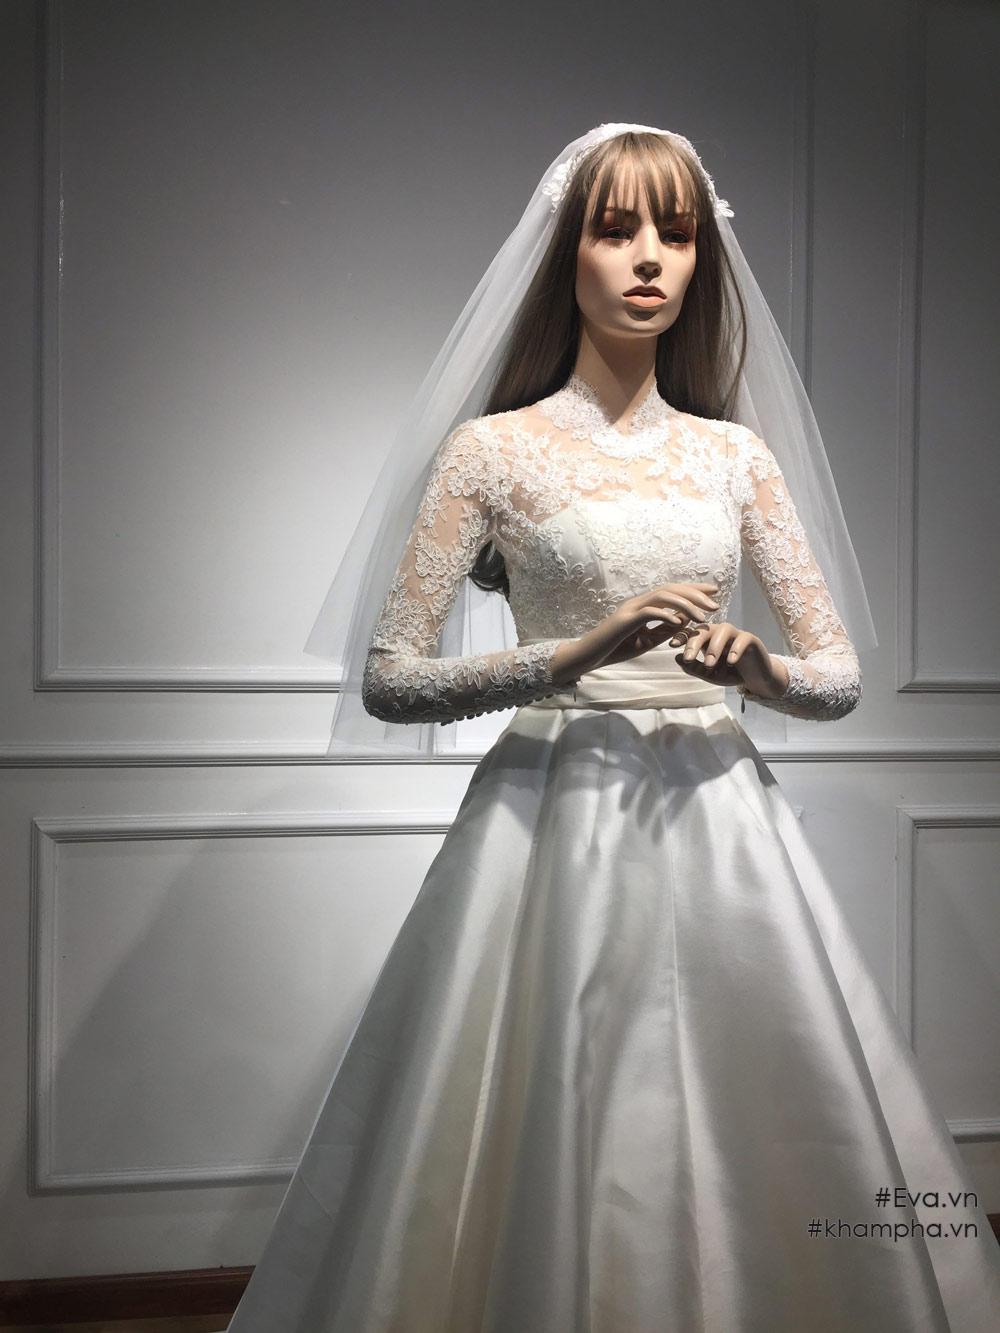 Váy cưới Đặng Thu Thảo: mất 1 tháng để hoàn thiện và chỉnh sửa trực tiếp trên cơ thể cổ